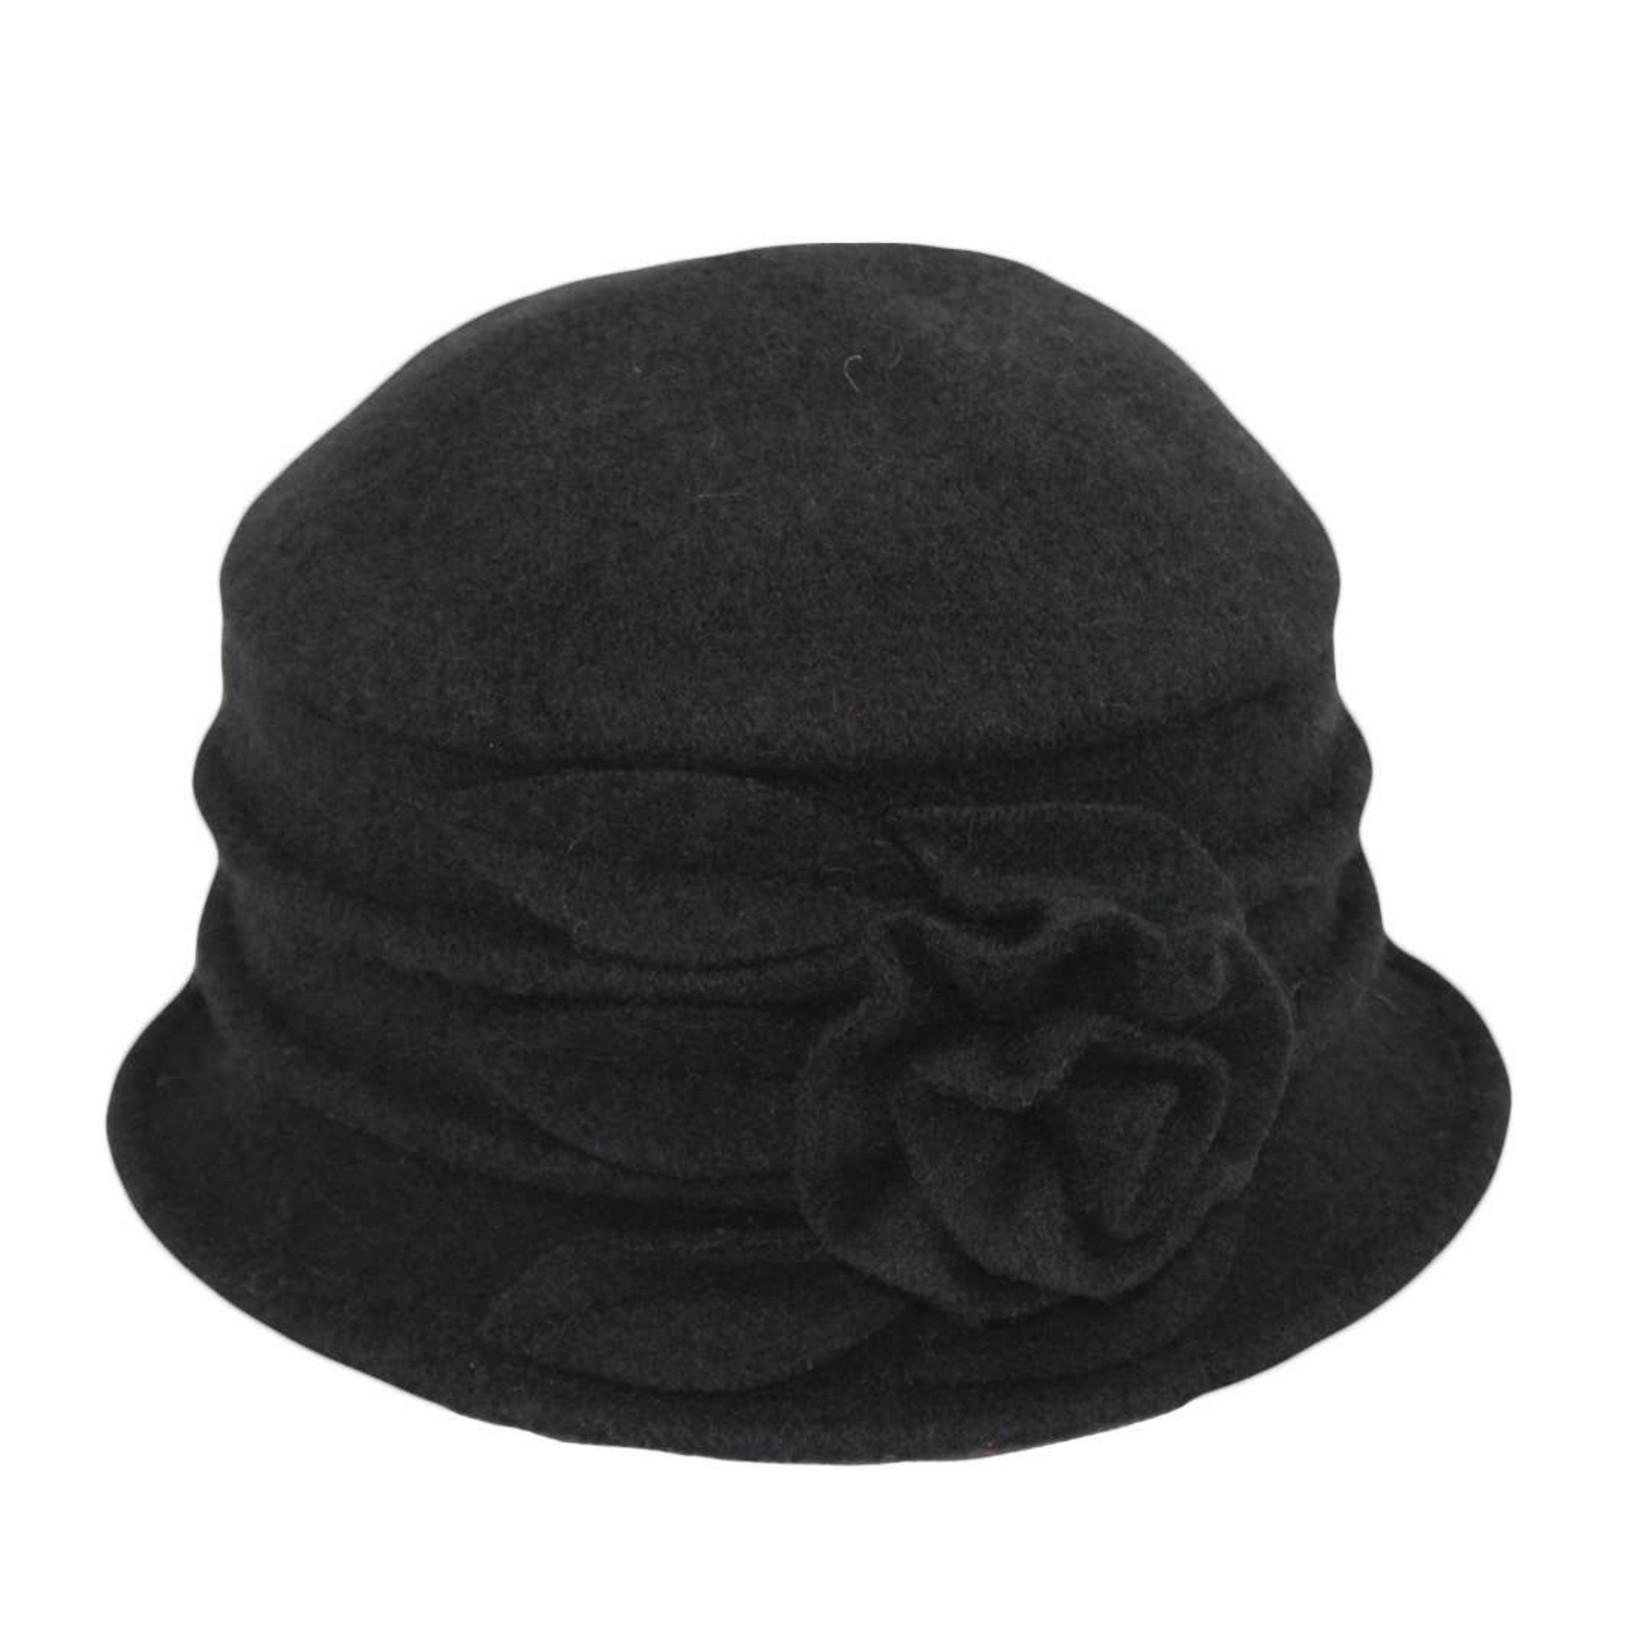 Jeanne Simmons Boiled Wool Bucket Hat w/ Ridges & Flower in Black